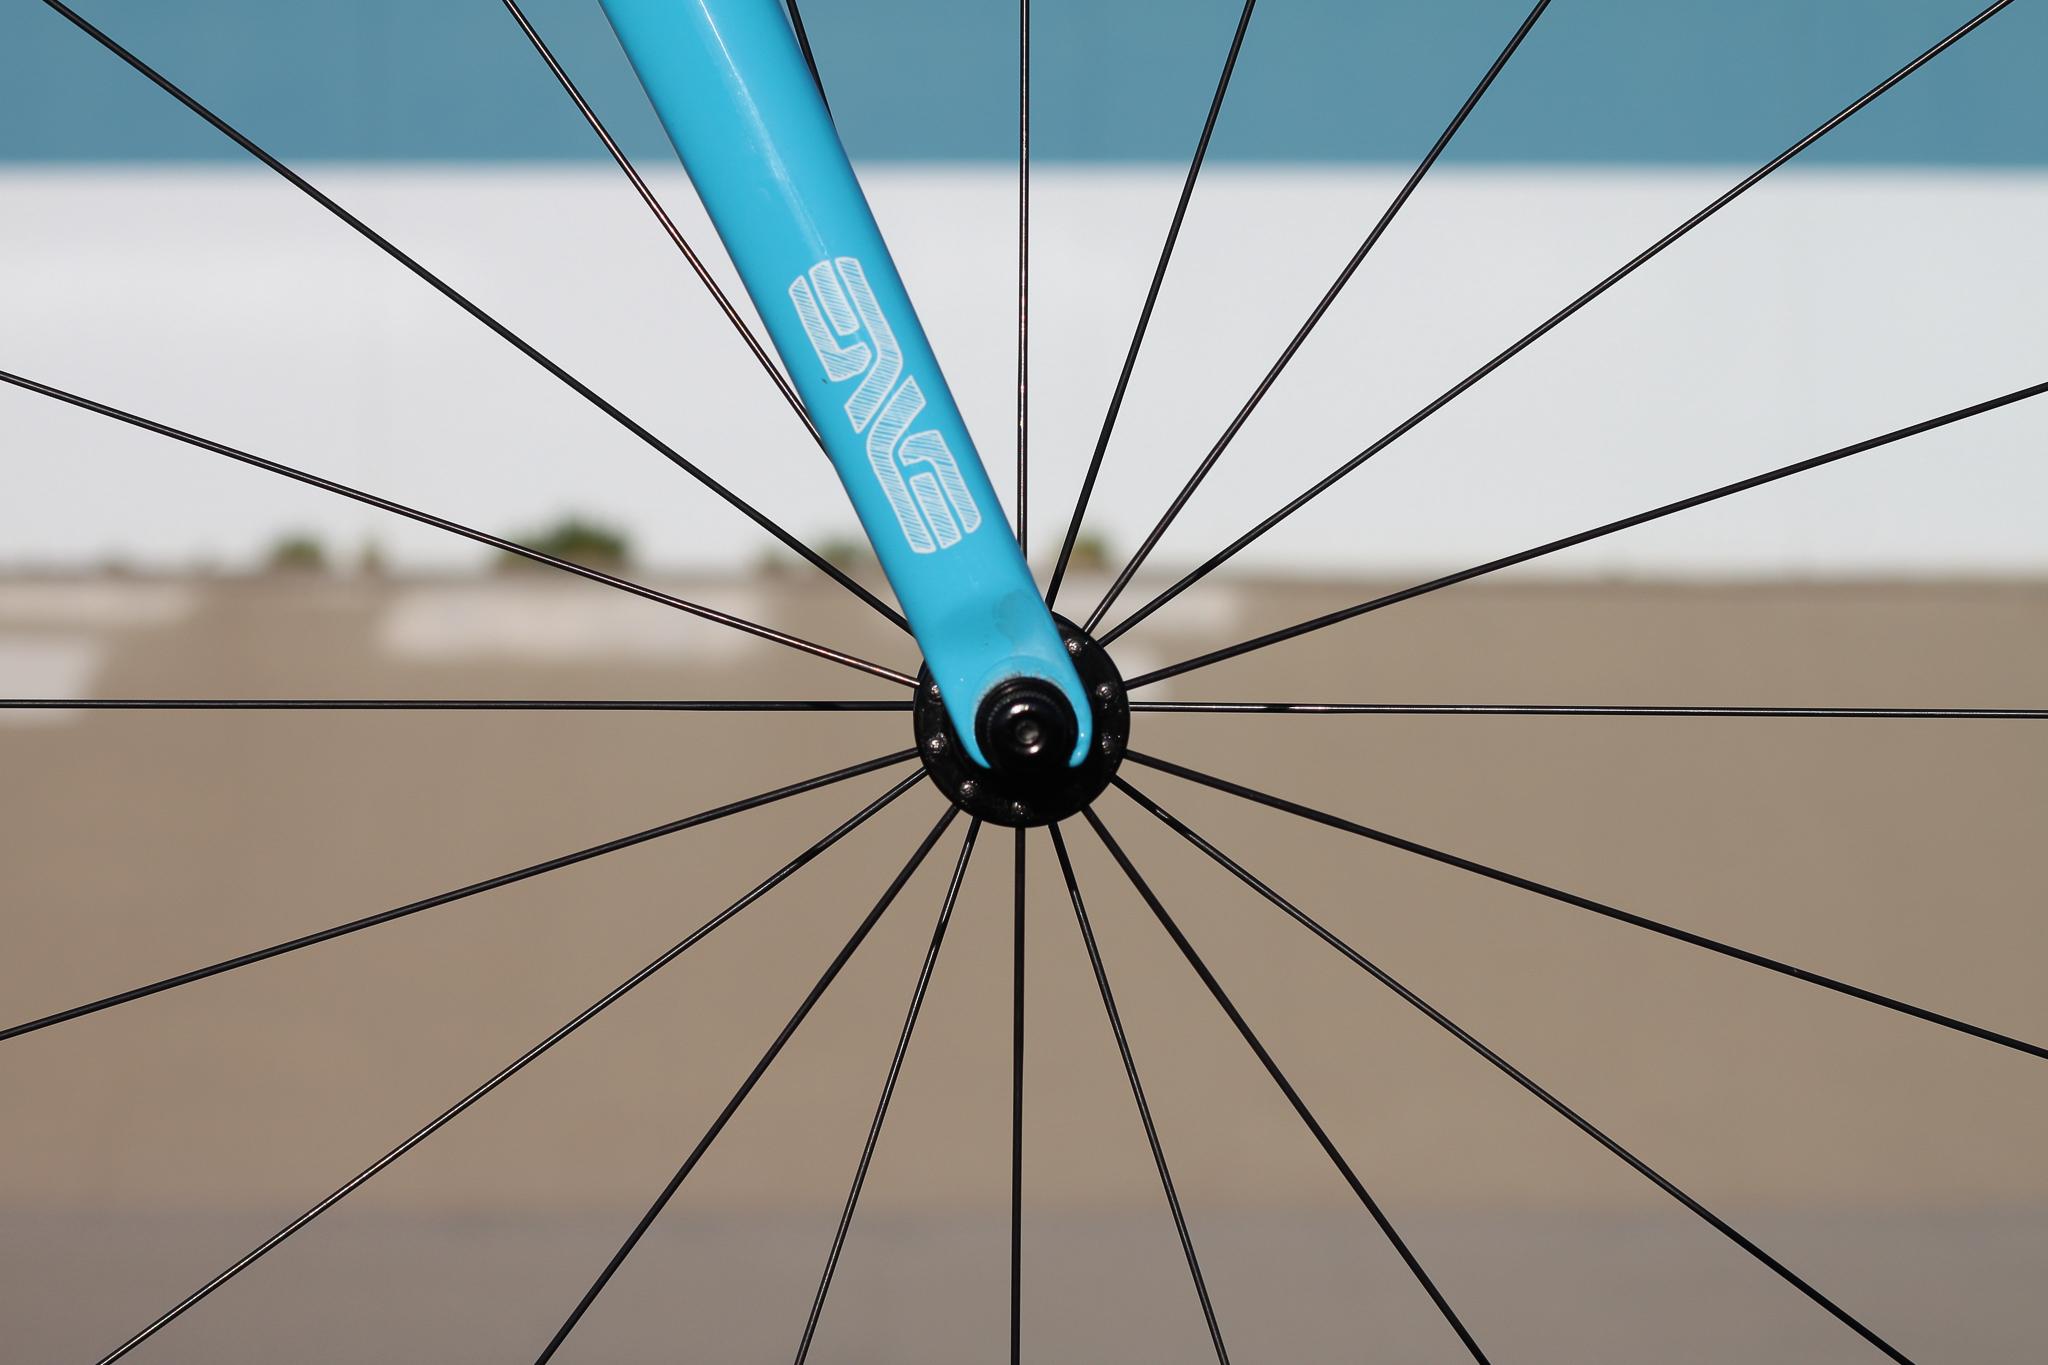 fairdale-bikes-sam-carlson-goodship-053